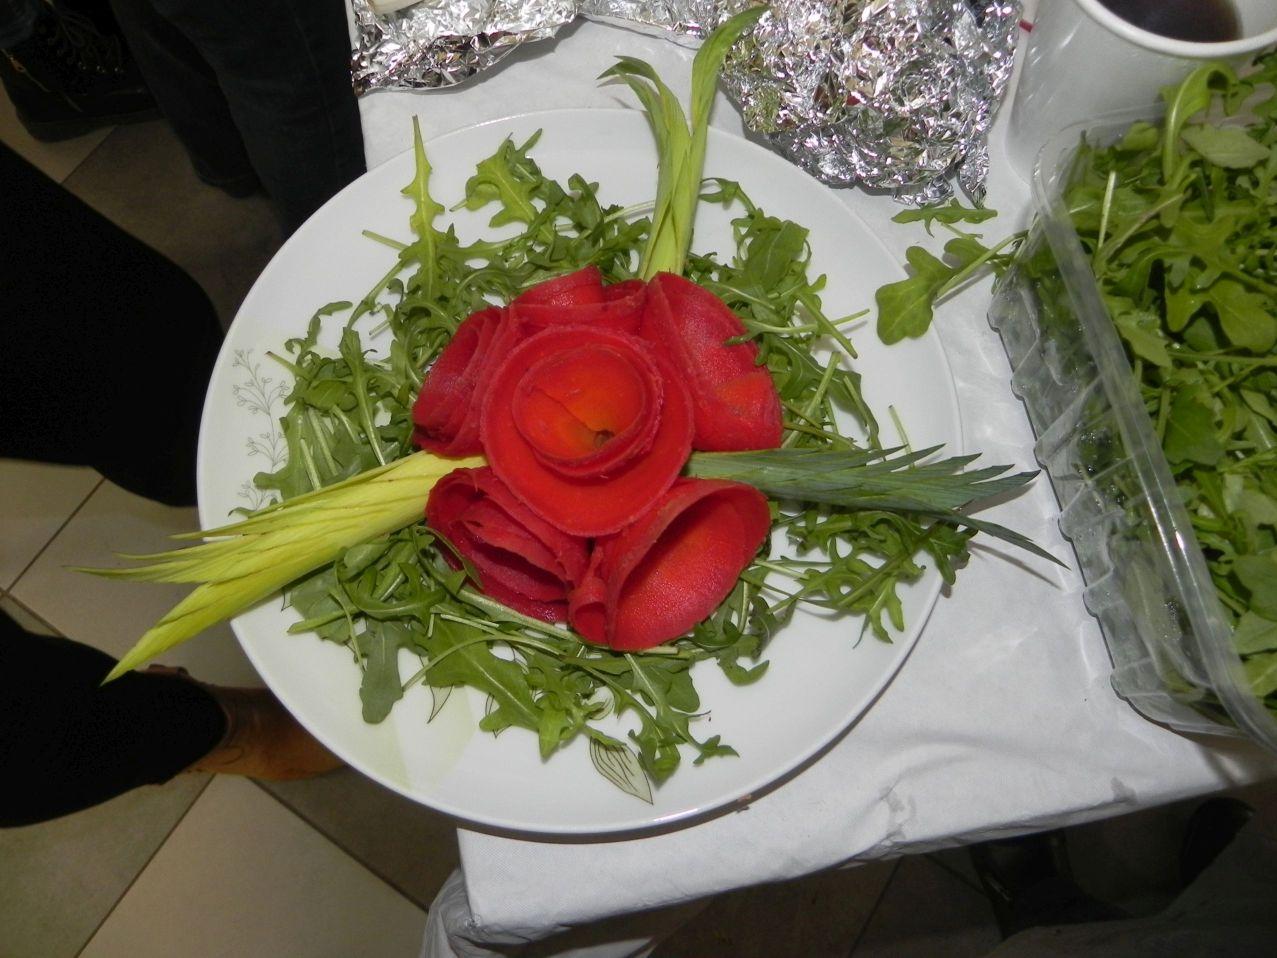 2016-02-14 Sierzchowy - Wioska Pomidorowa - testowanie (77)